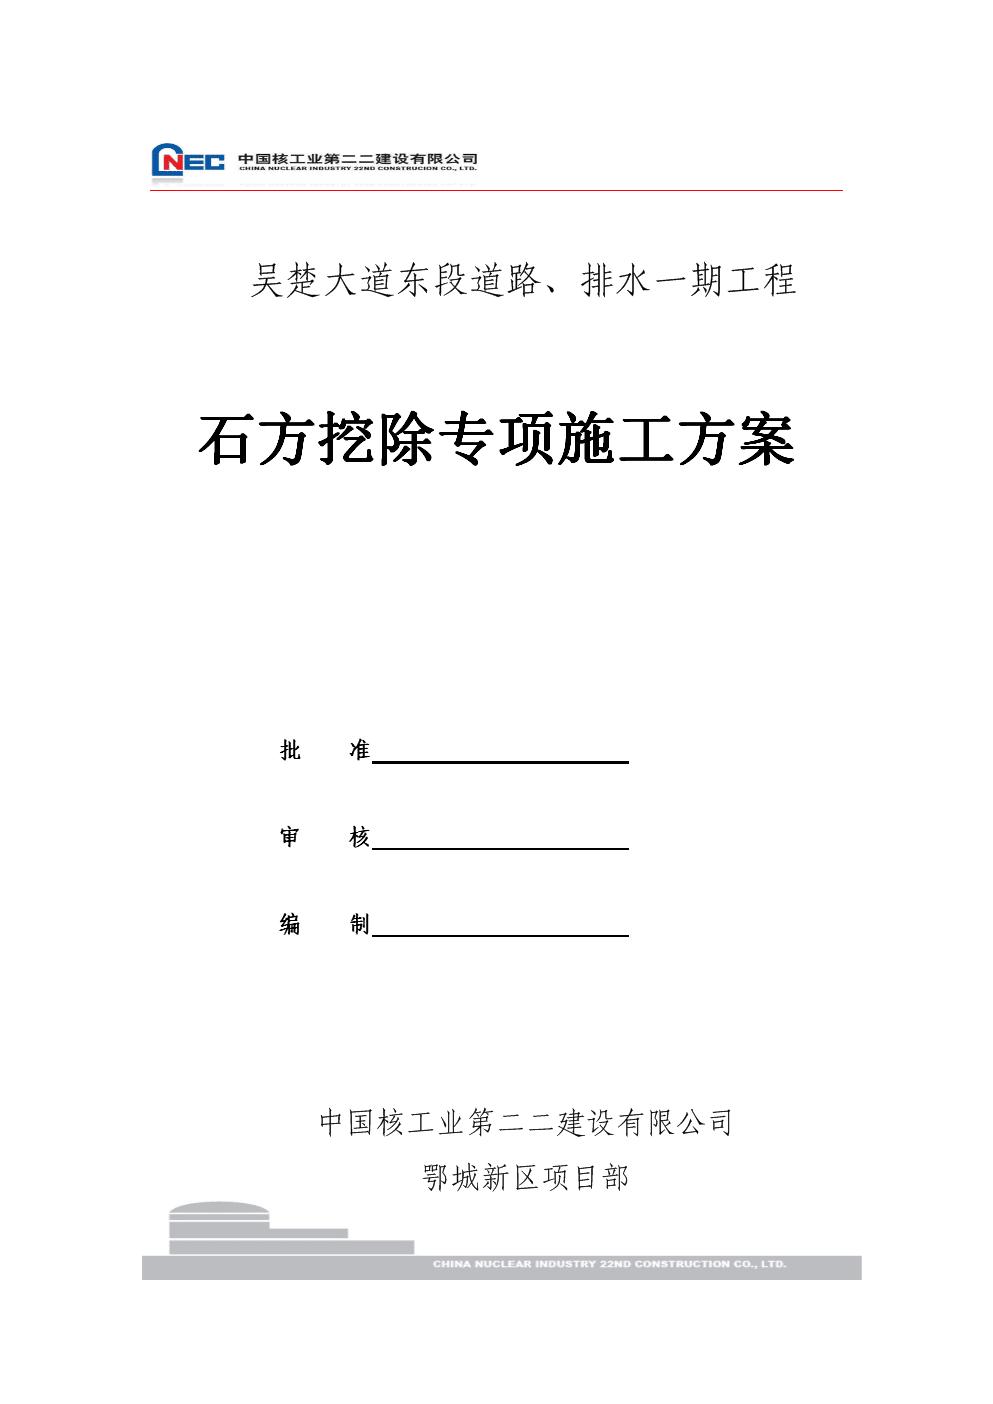 吴楚大道石方爆破专项施工方案.doc